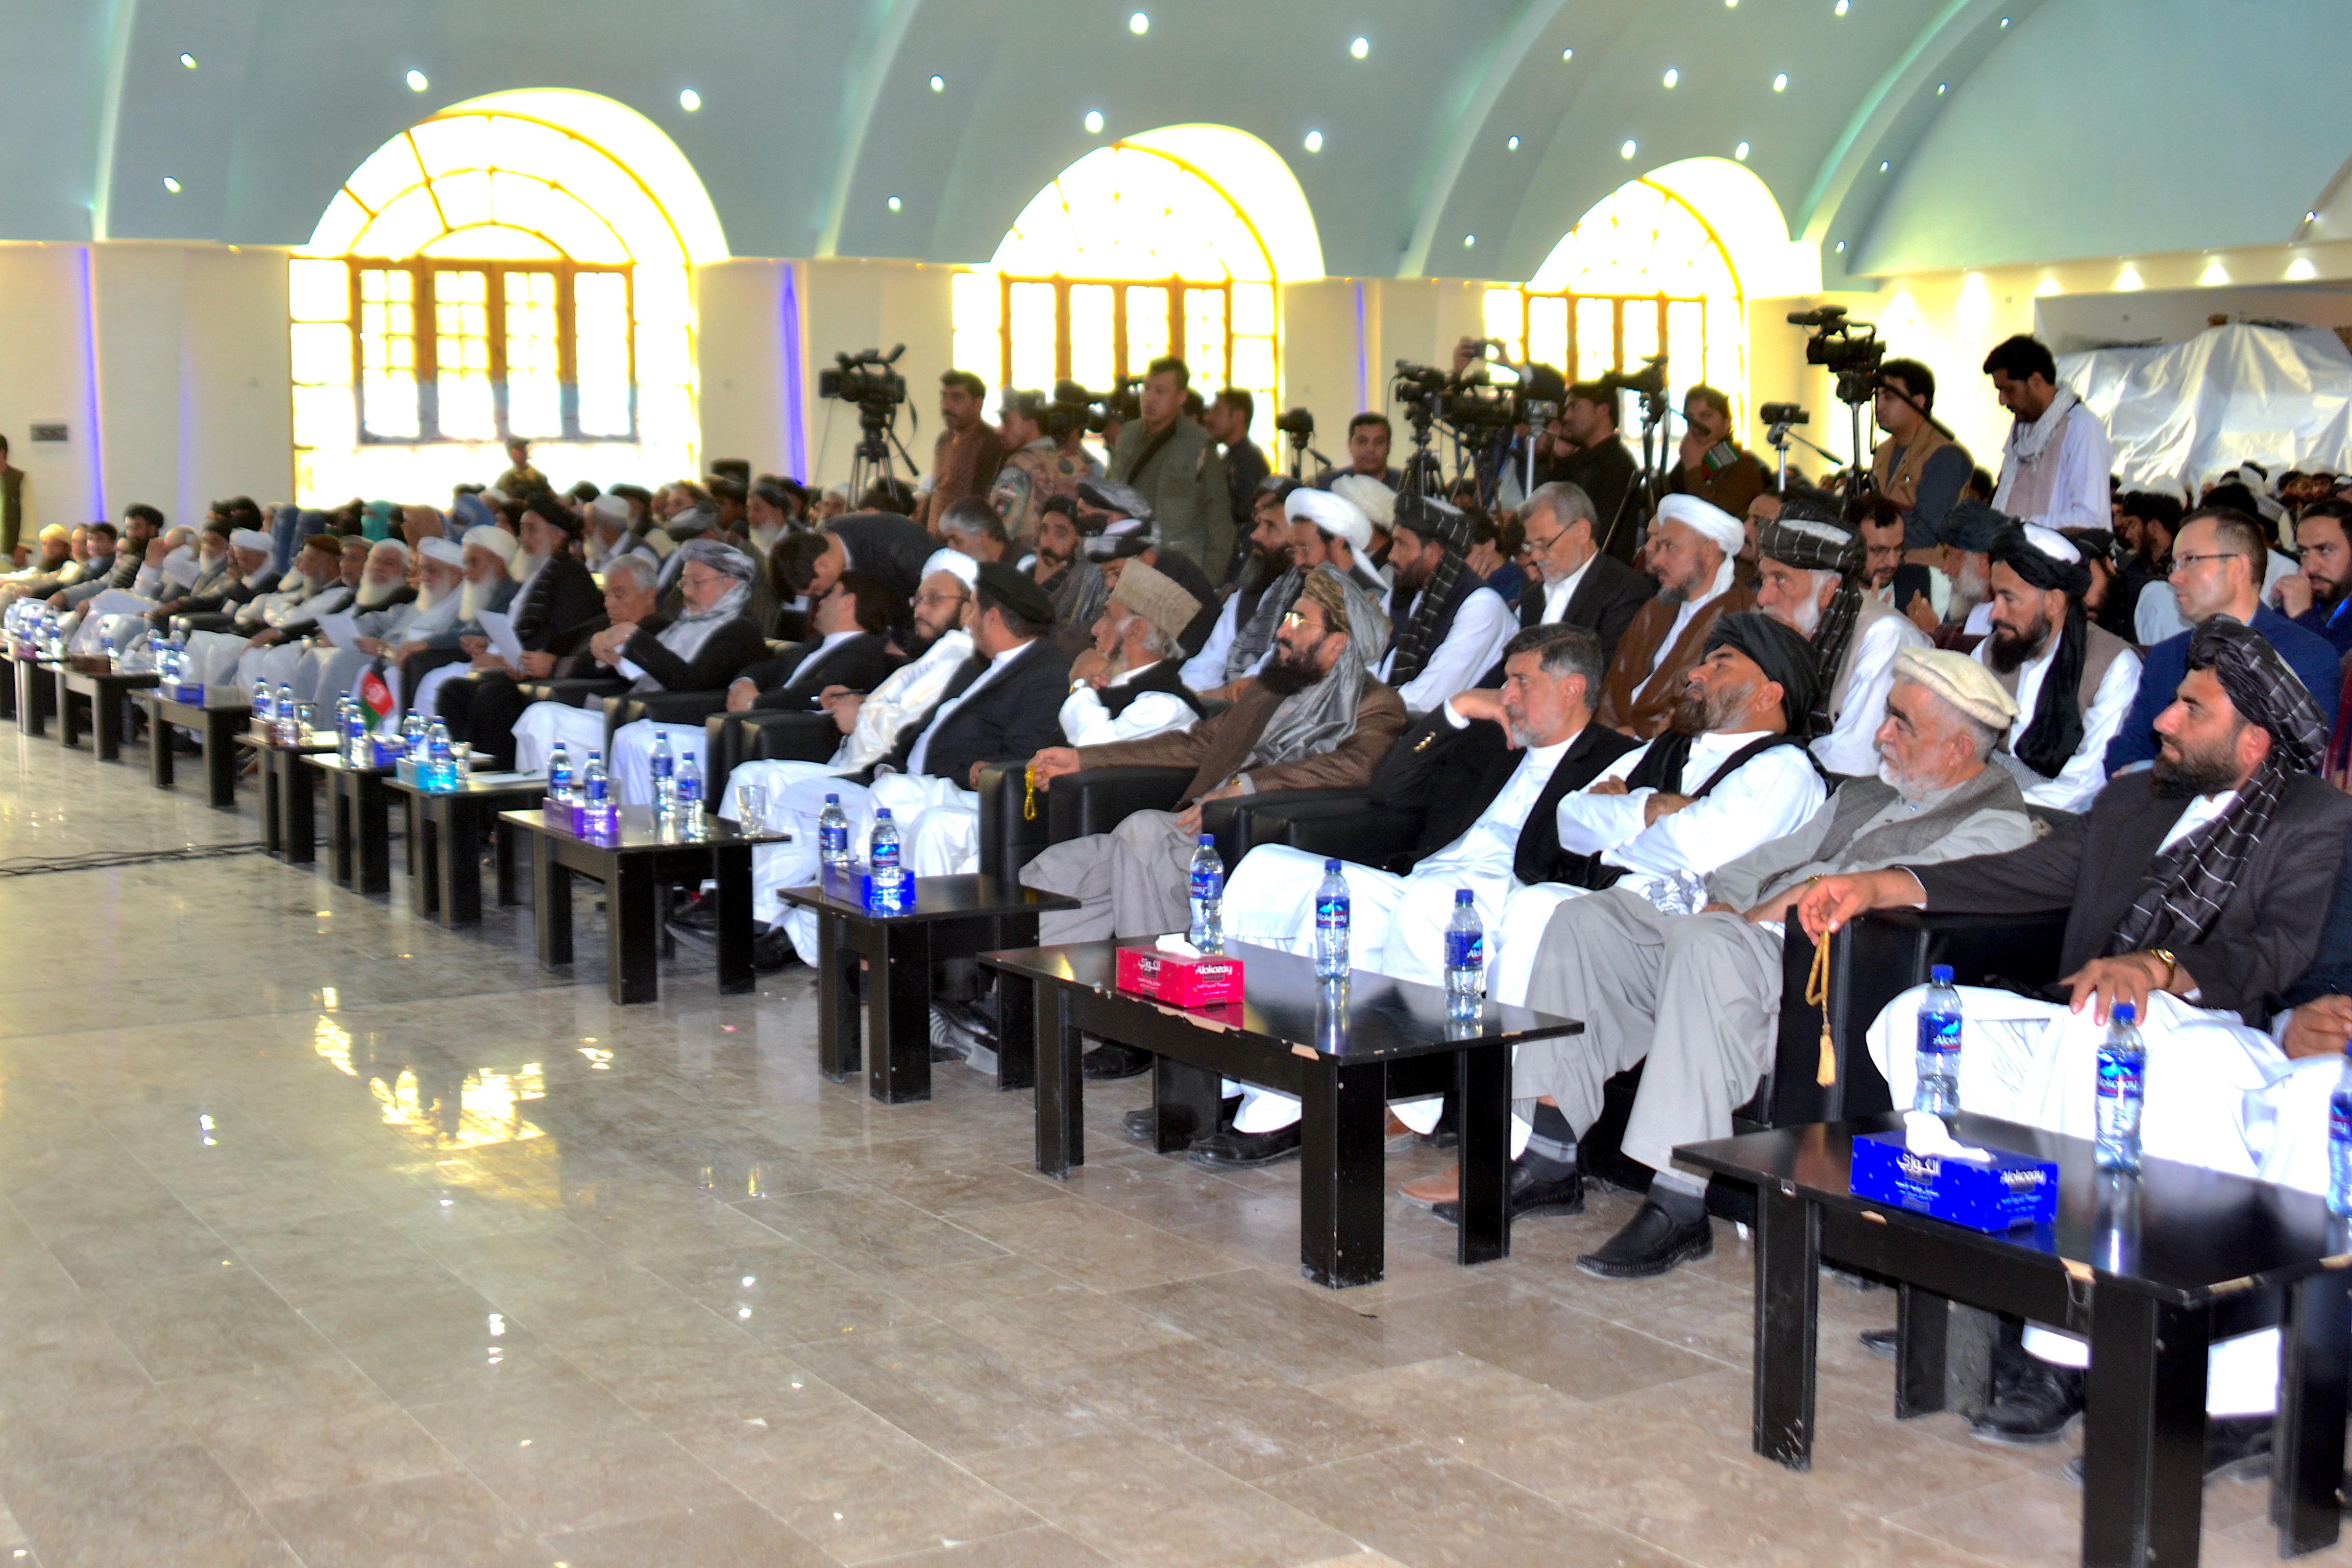 علمای دینی با تجمع در قندهار از طالبان خواستند که صلح کنند